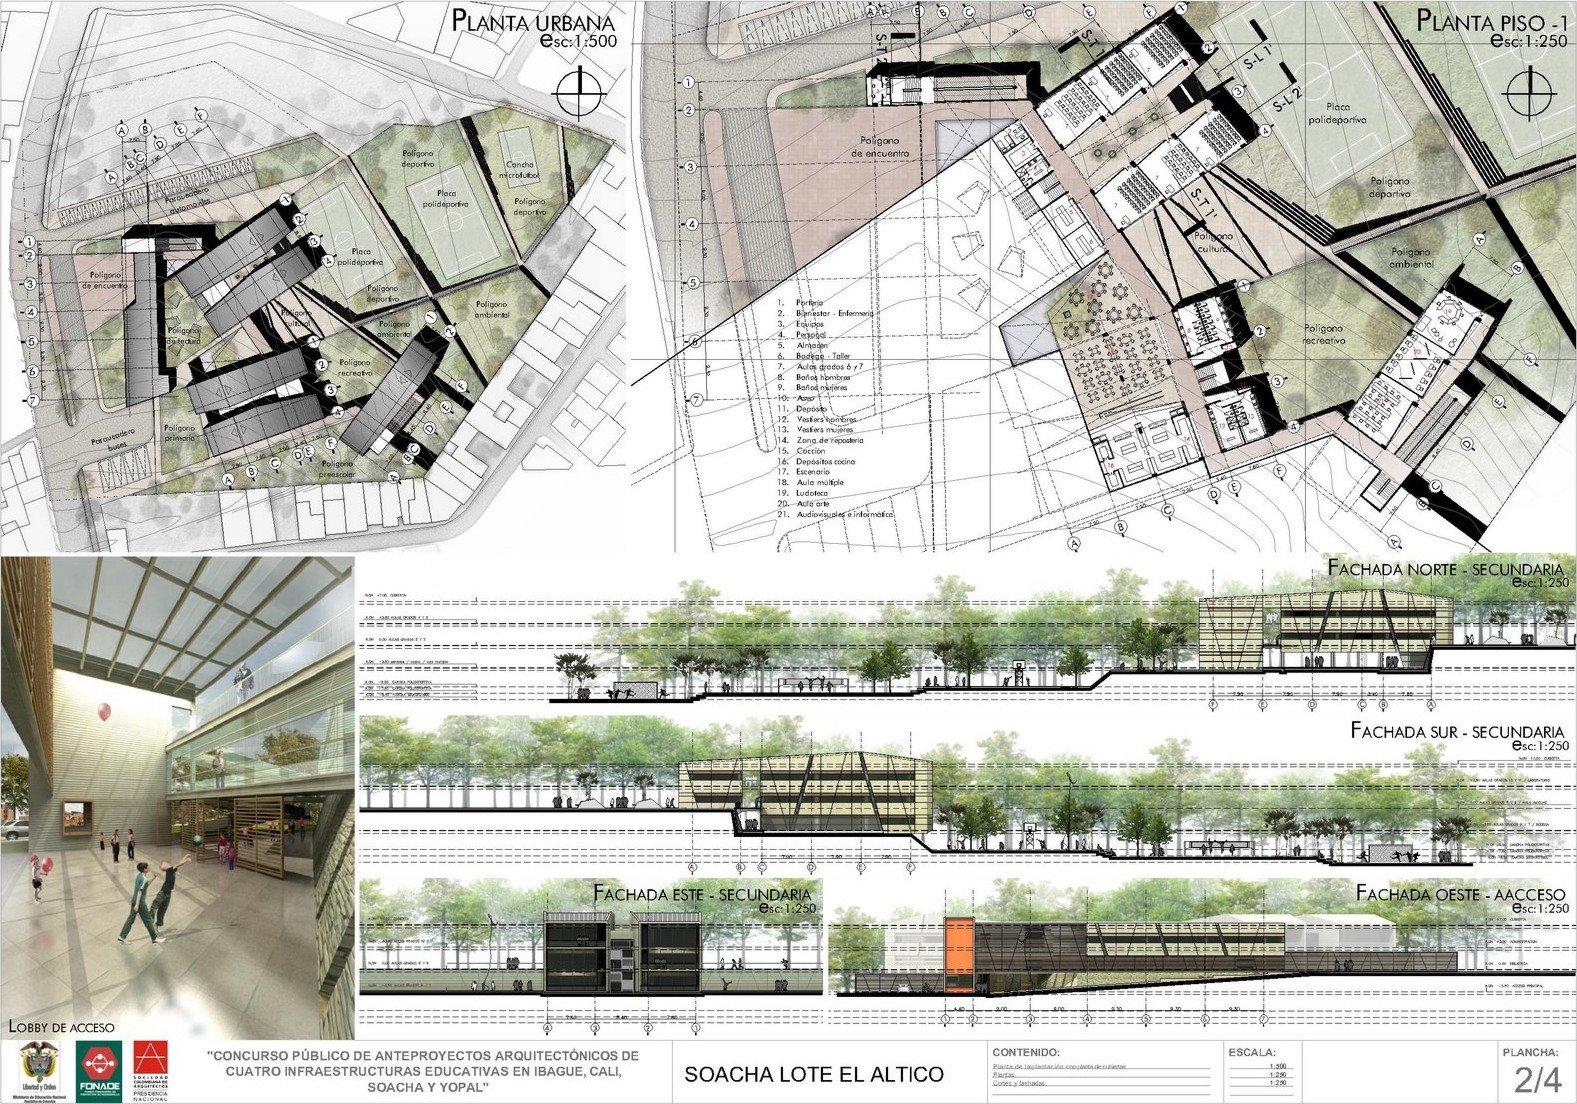 2 eductiv proyecta arquitectura On concursos de arquitectura